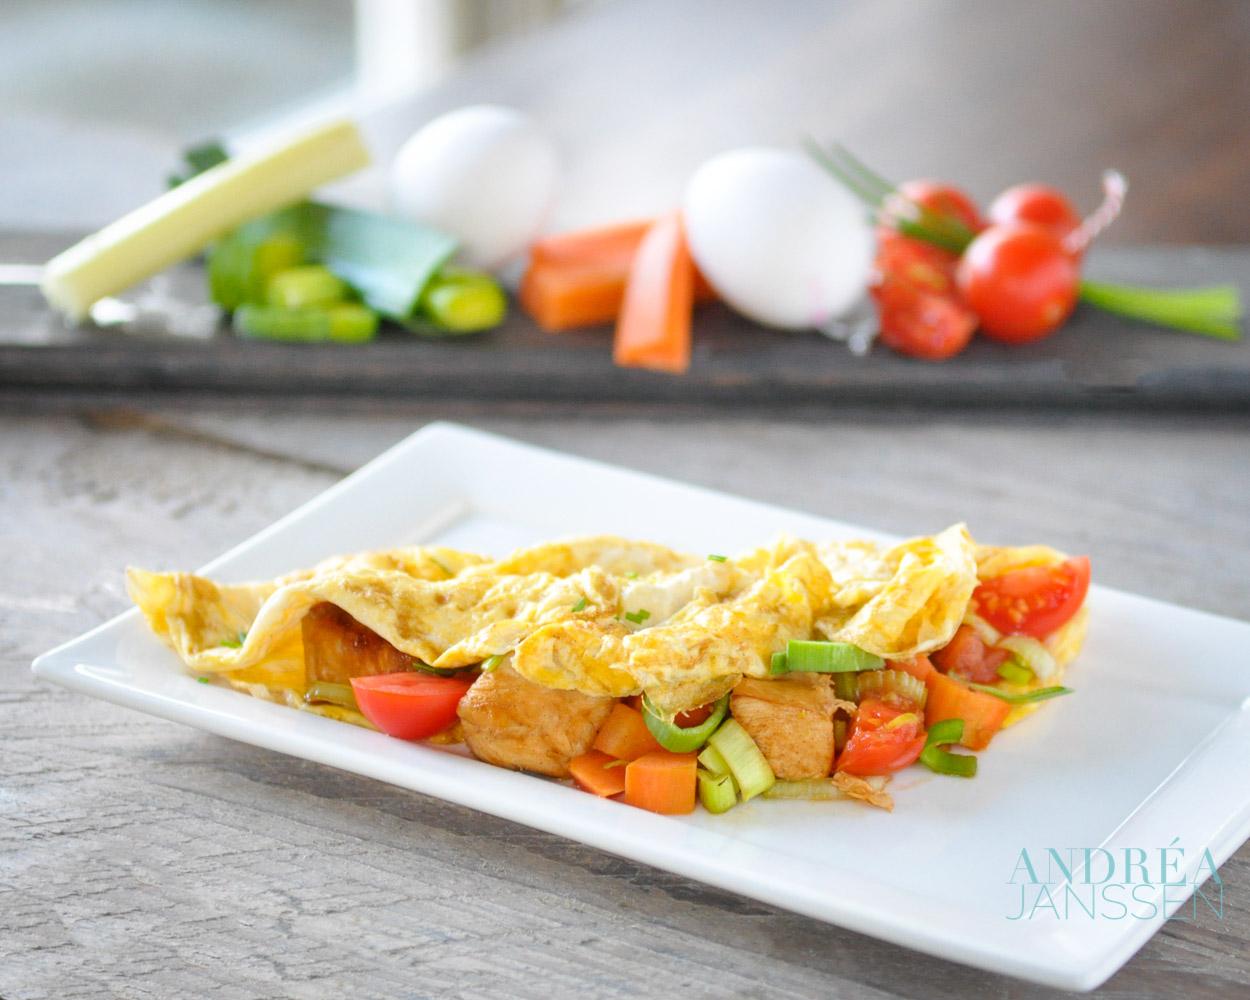 gevulde omelet met kip en groenten